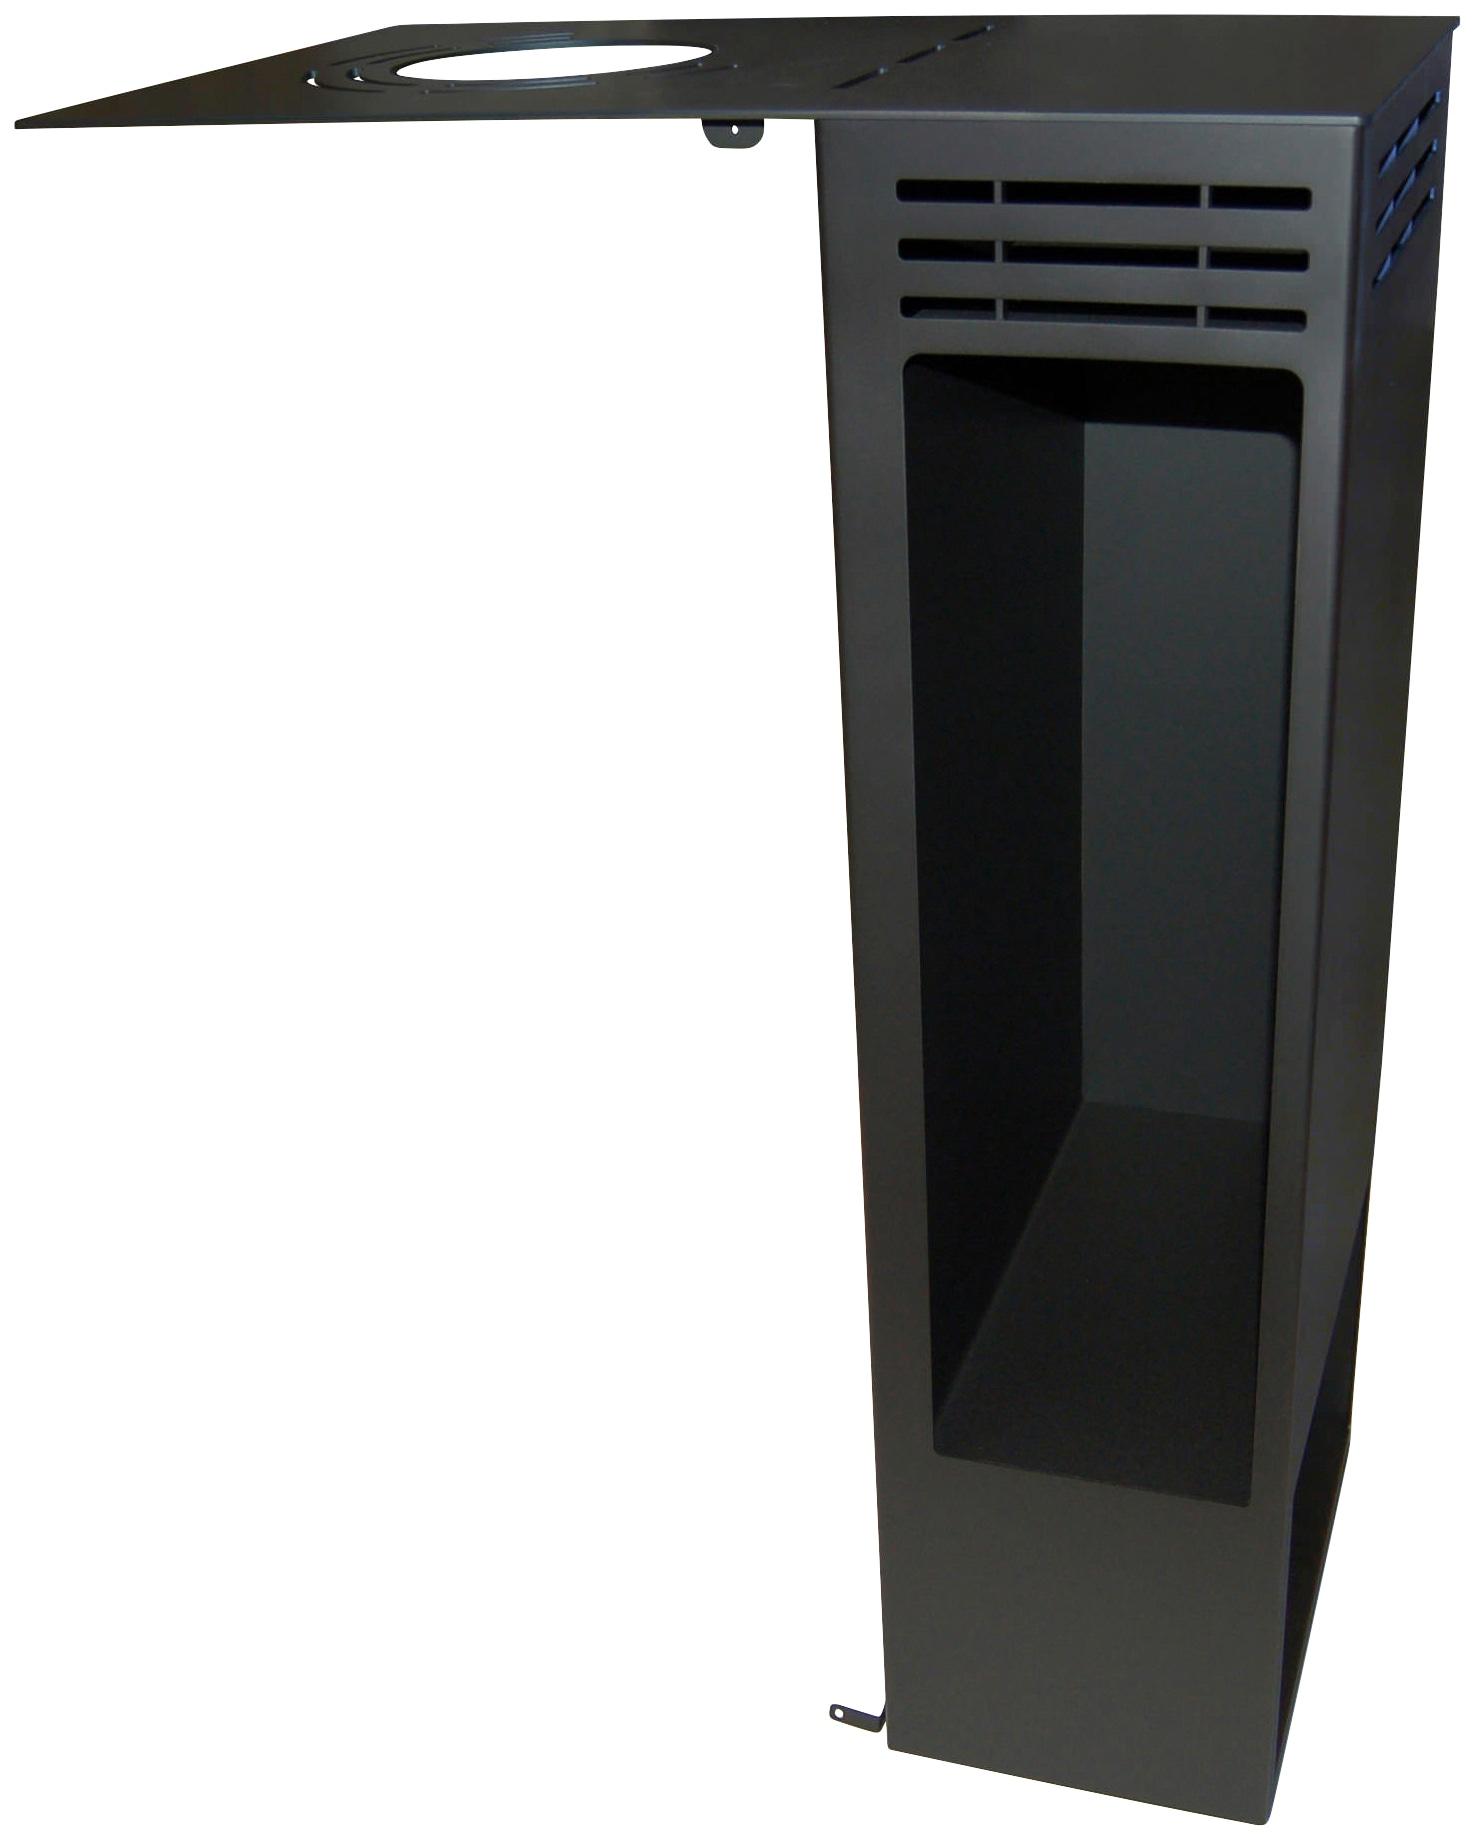 Image of ADURO Holzaufbewahrung »Holzfach für Aduro 12«, geeignet für Kaminofen Aduro 12